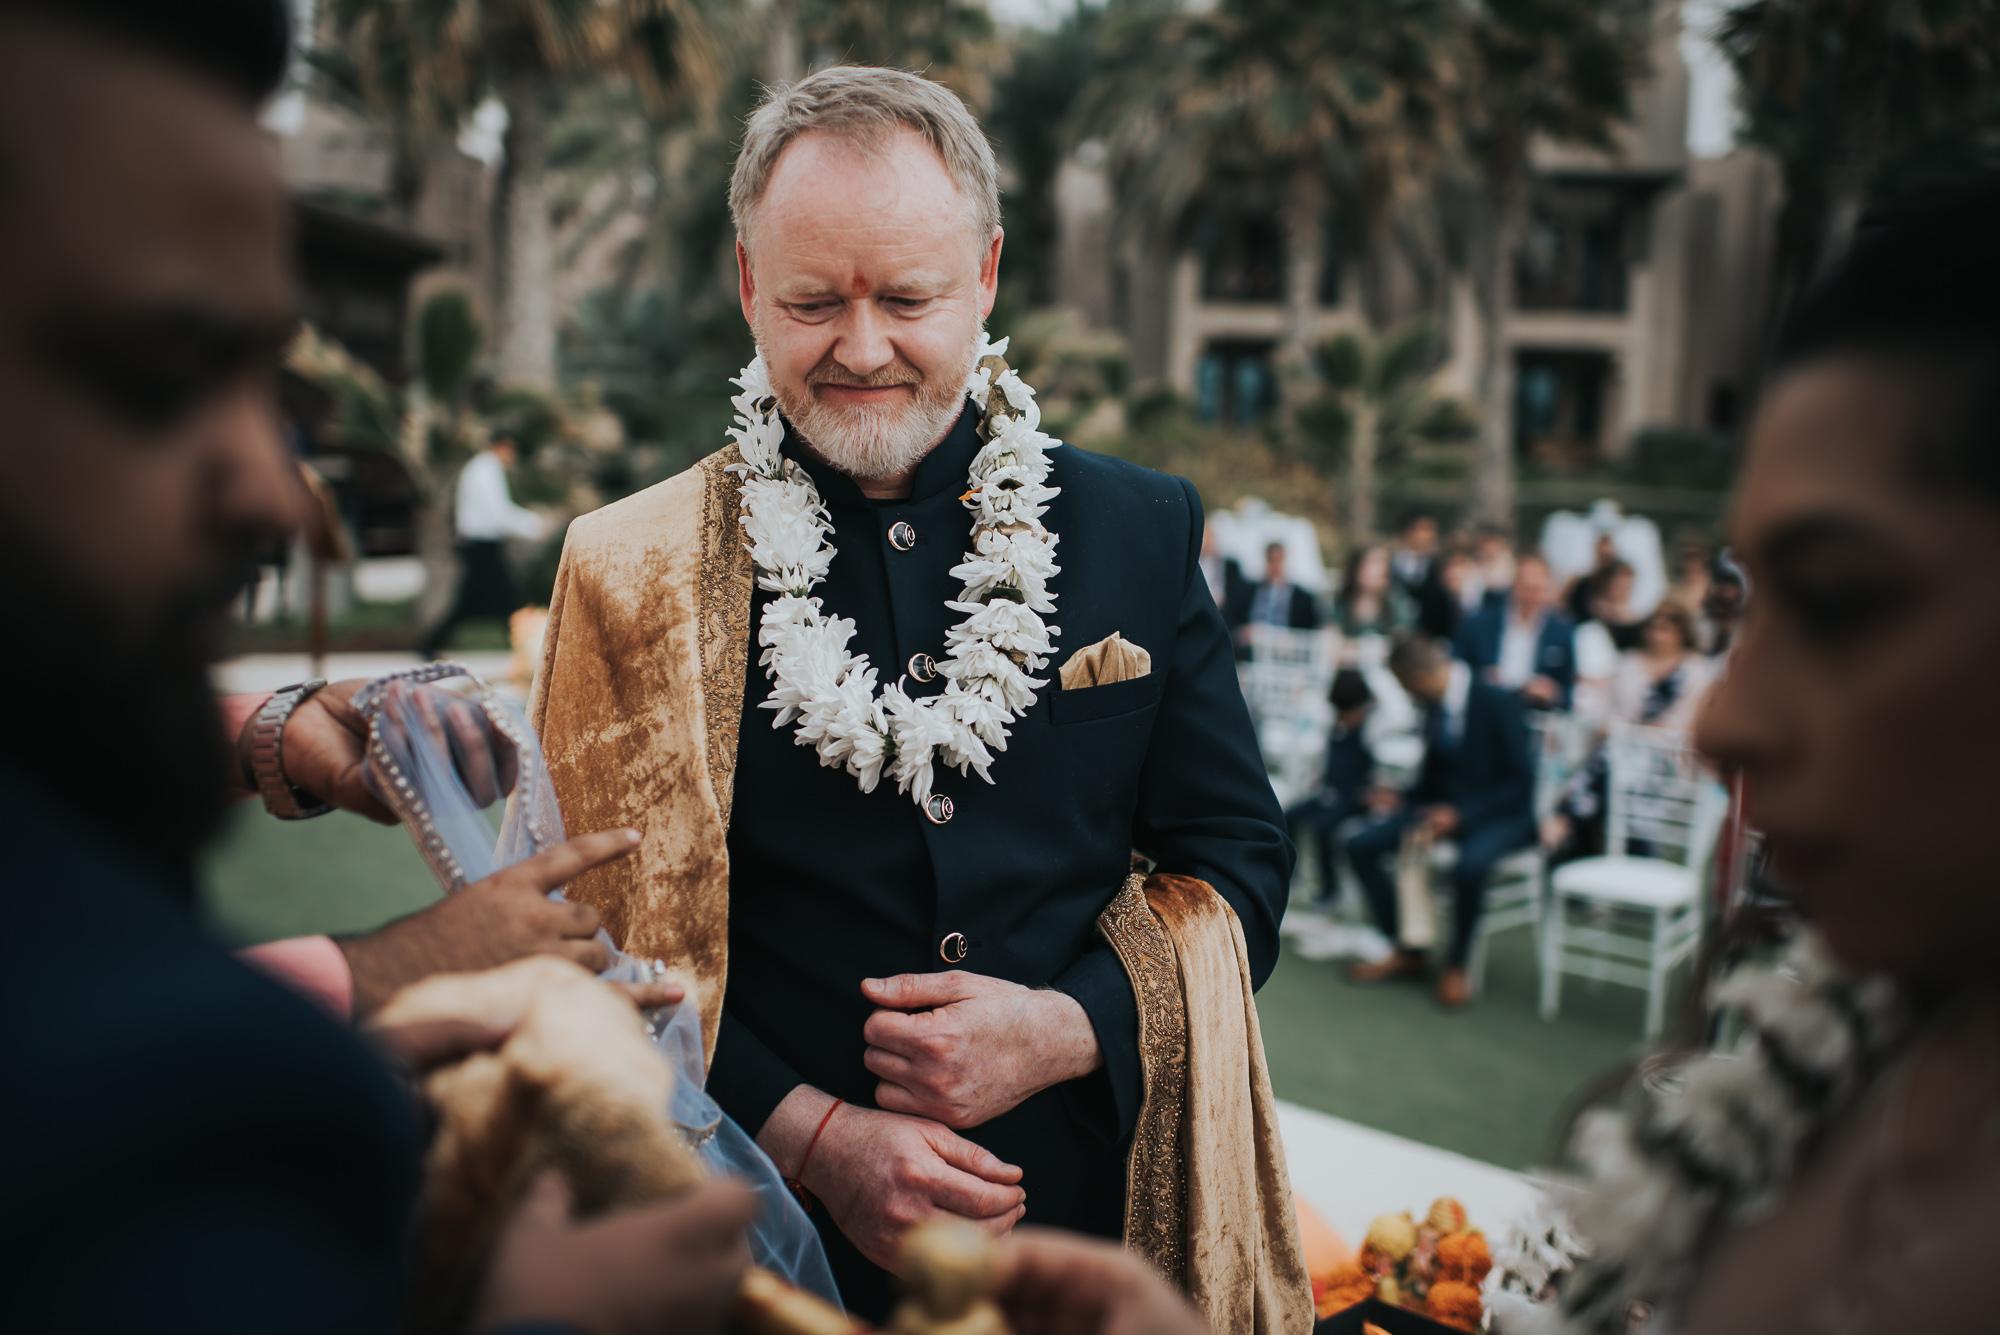 madinat jumeirah dubai wedding photographer  destination wedding photography (18 of 52).jpg